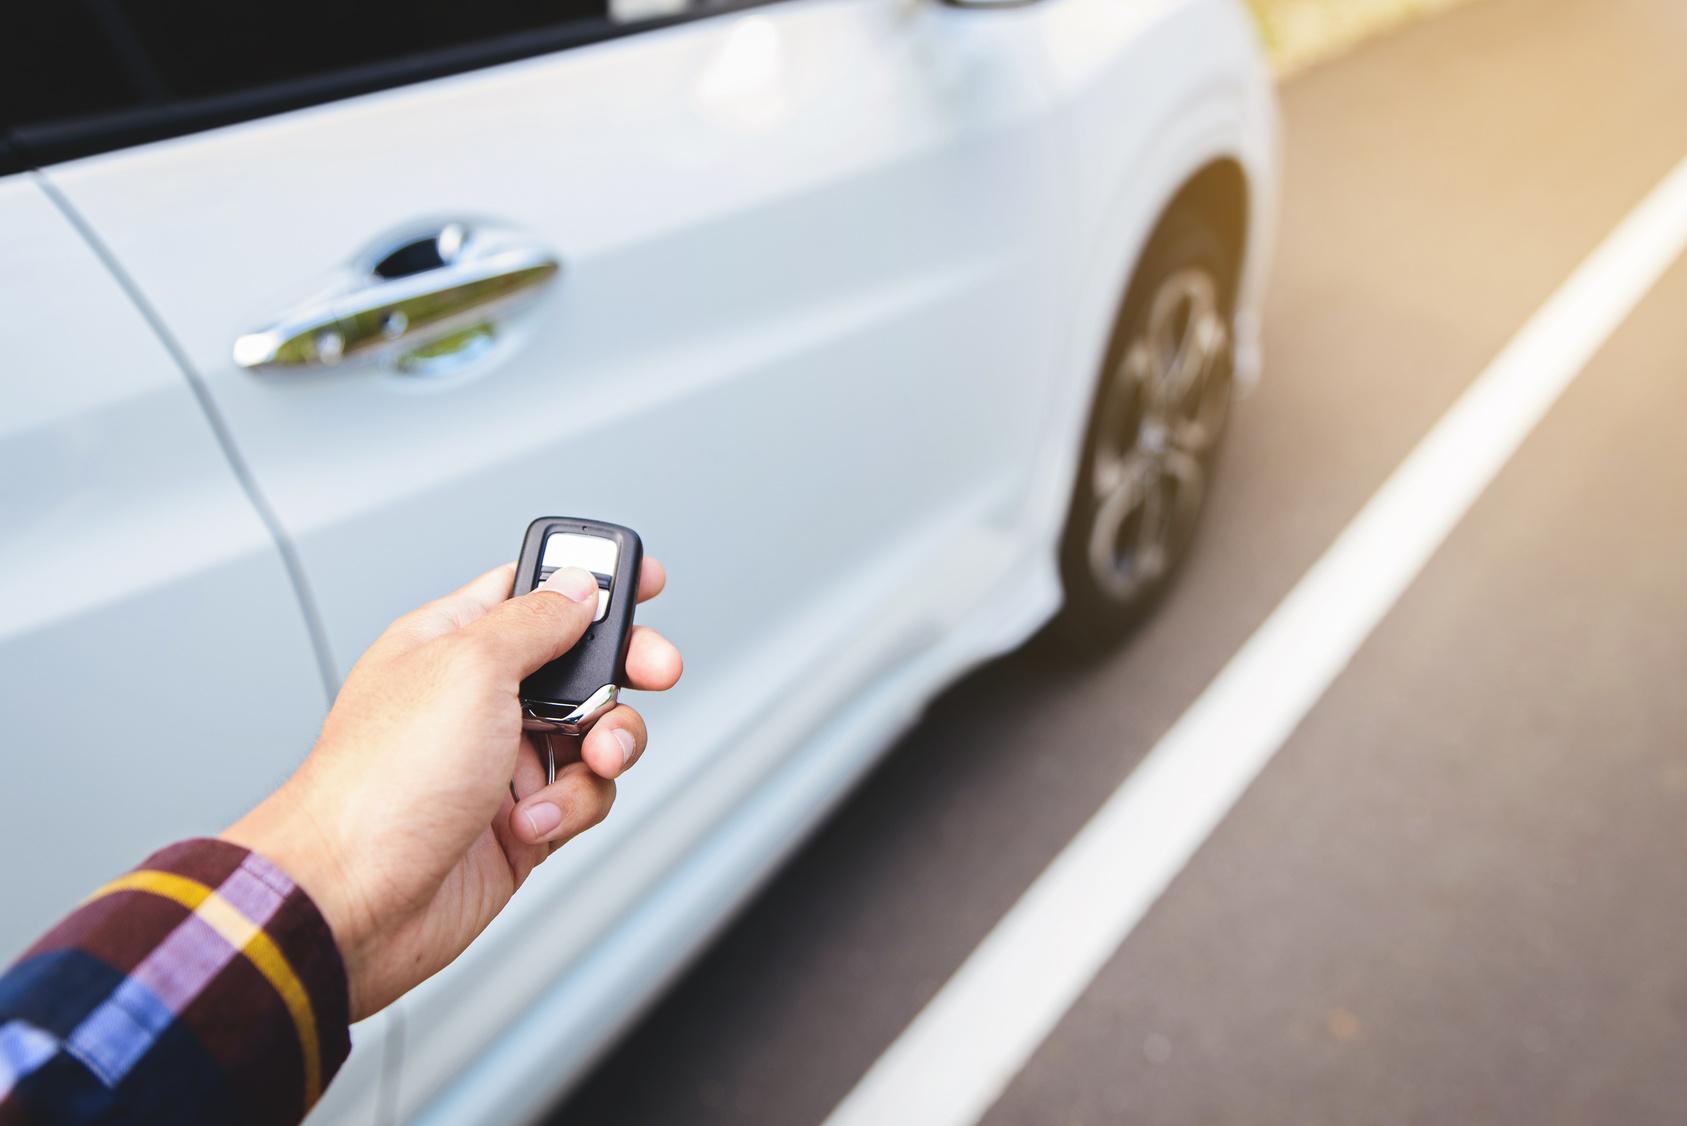 Cómo desactivar la alarma de tu auto, cuando se activa sin razón aparente